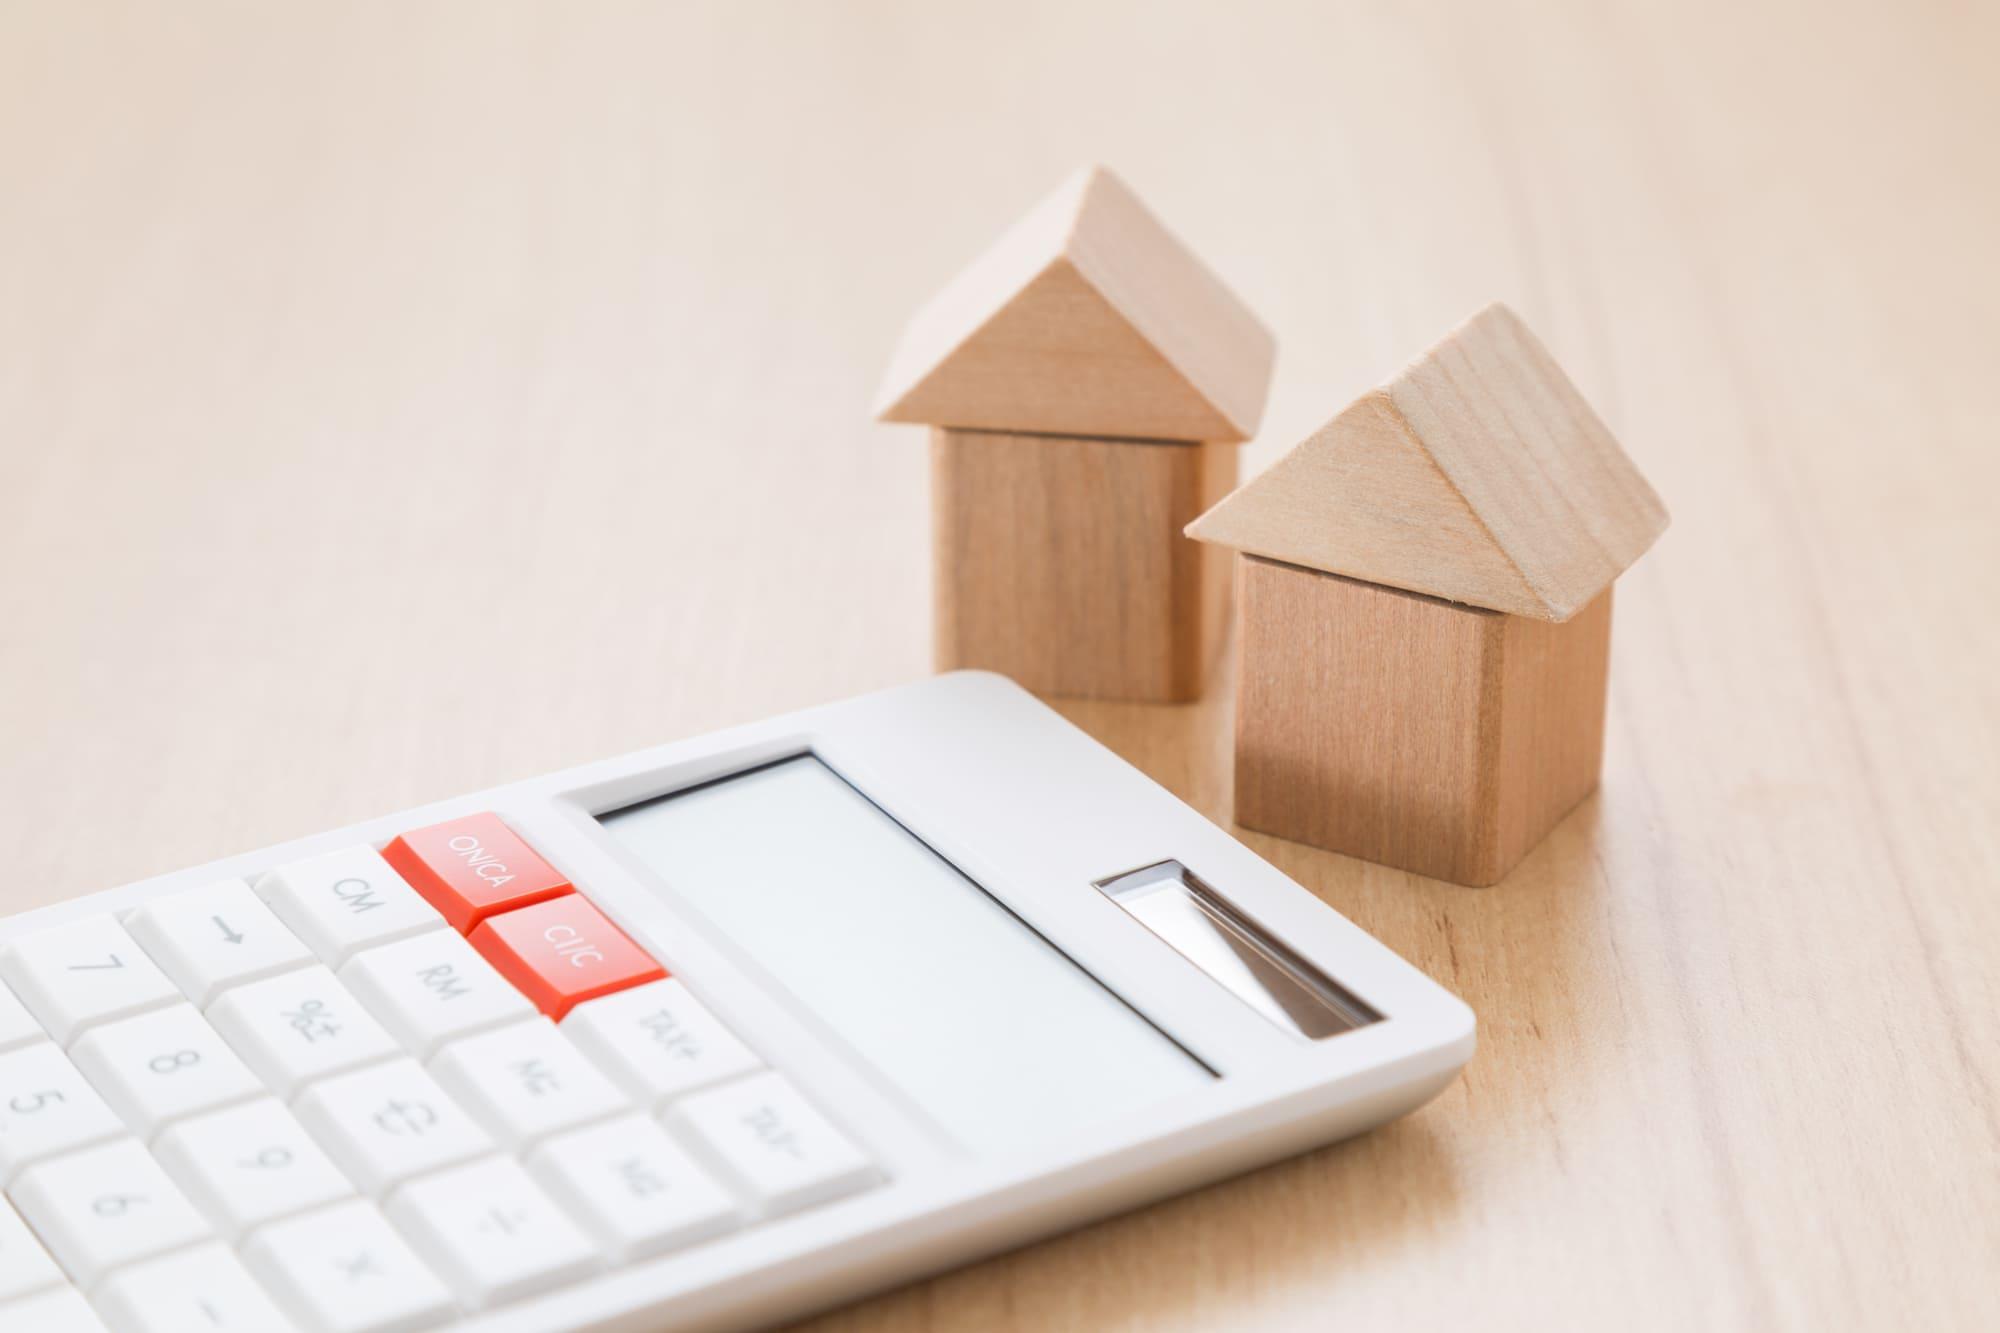 住宅ローンの利息の計算方法│金利差による利息額の違いは?